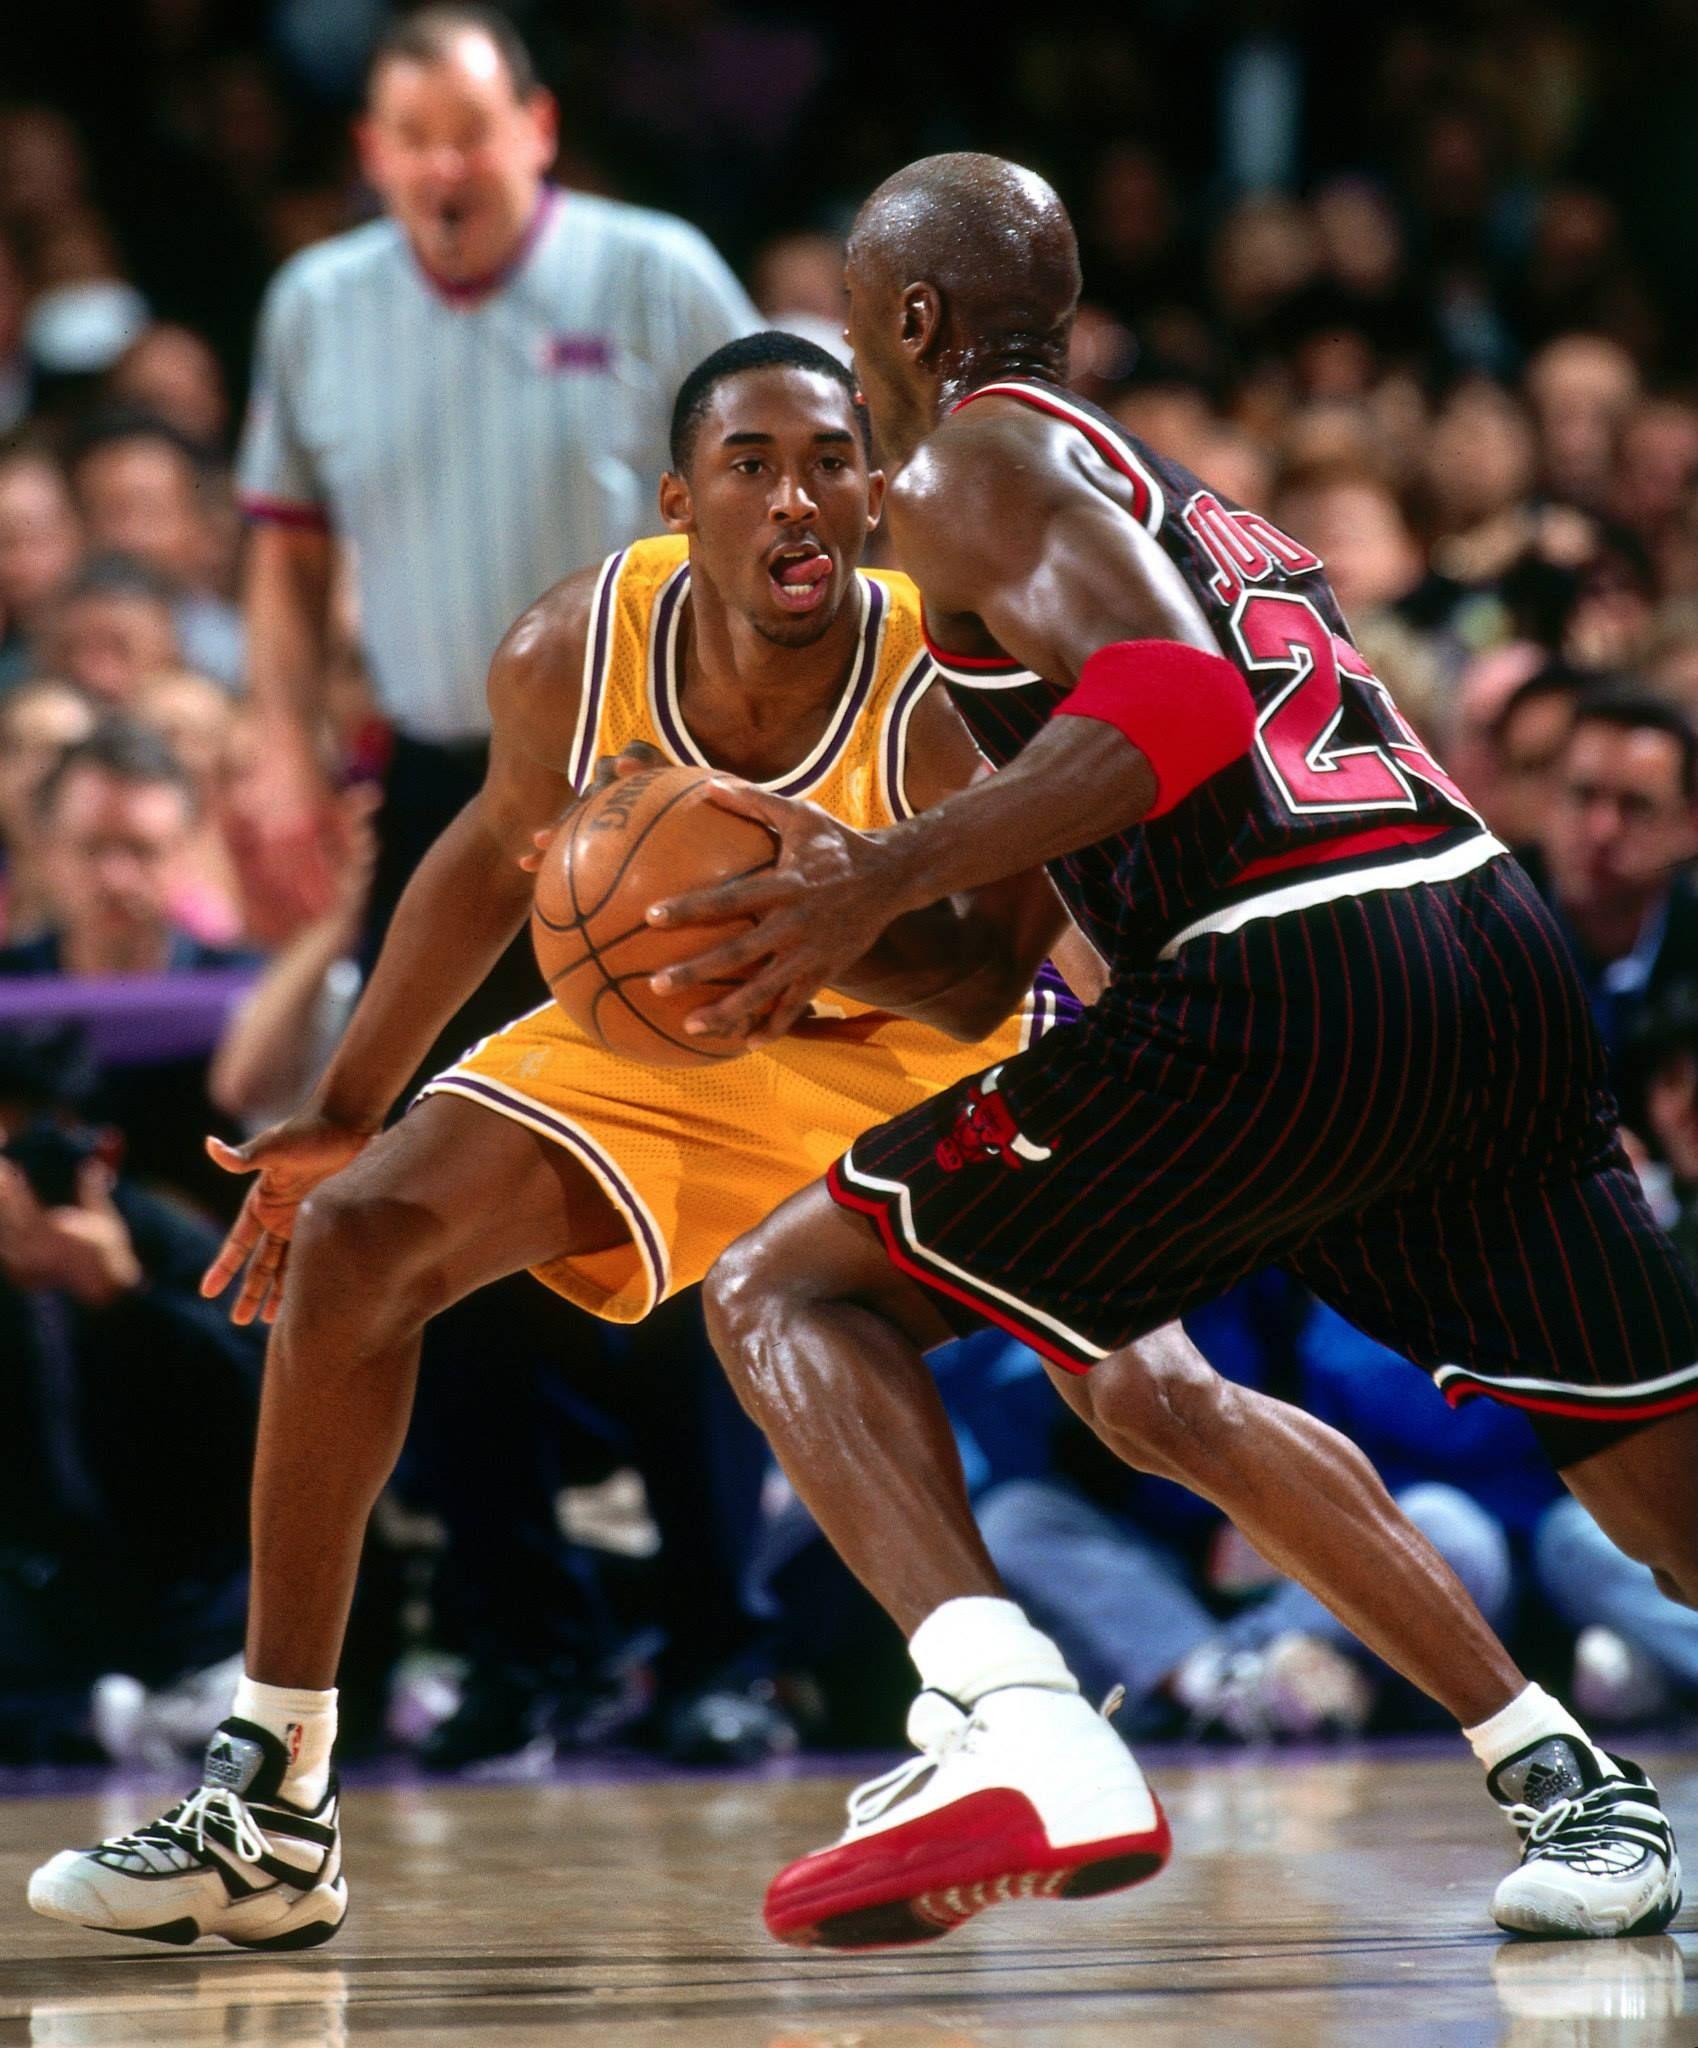 345dbce1211 Michael Jordan   Kobe Bryant hypergo  basketball  sports Best wipes for  sports Go to hypergo.com